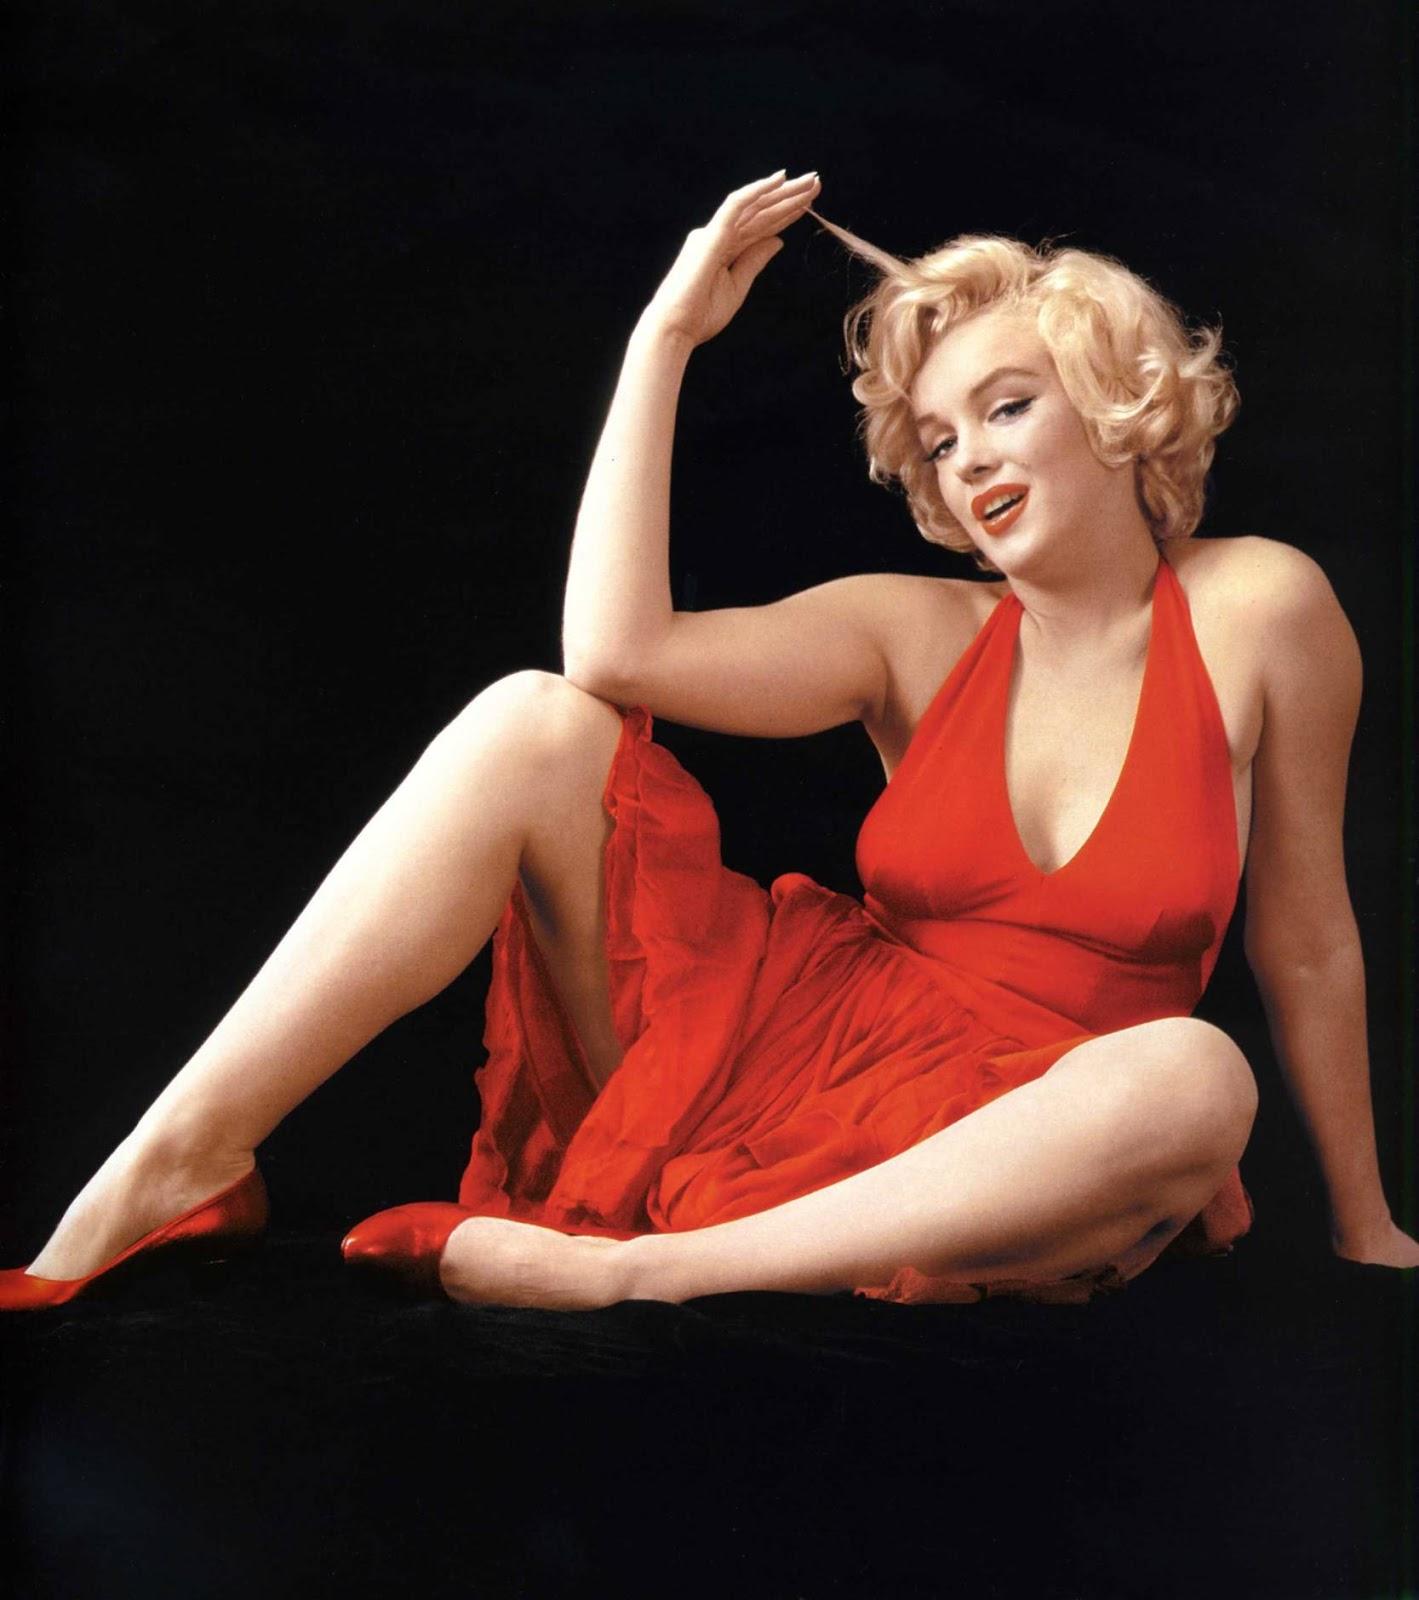 Marilyn Monroe Red Sweater Sitting Feb 1955 Vintage